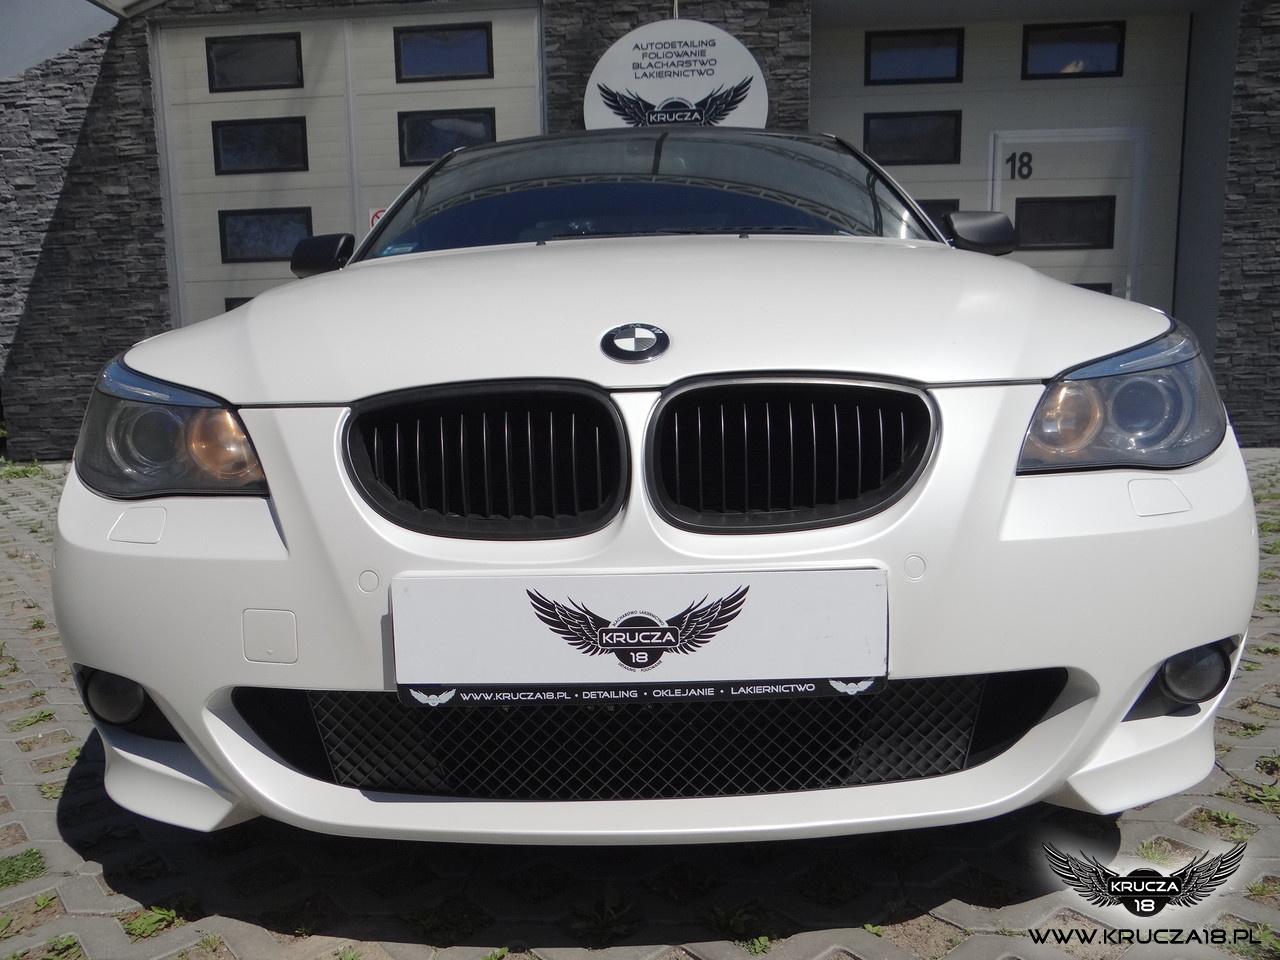 BMW 5 : zmiana koloru auta folią : satynowa perła : wstawki carbon : oklejanie : Krucza18 : Osielsko/k.Bydgoszczy